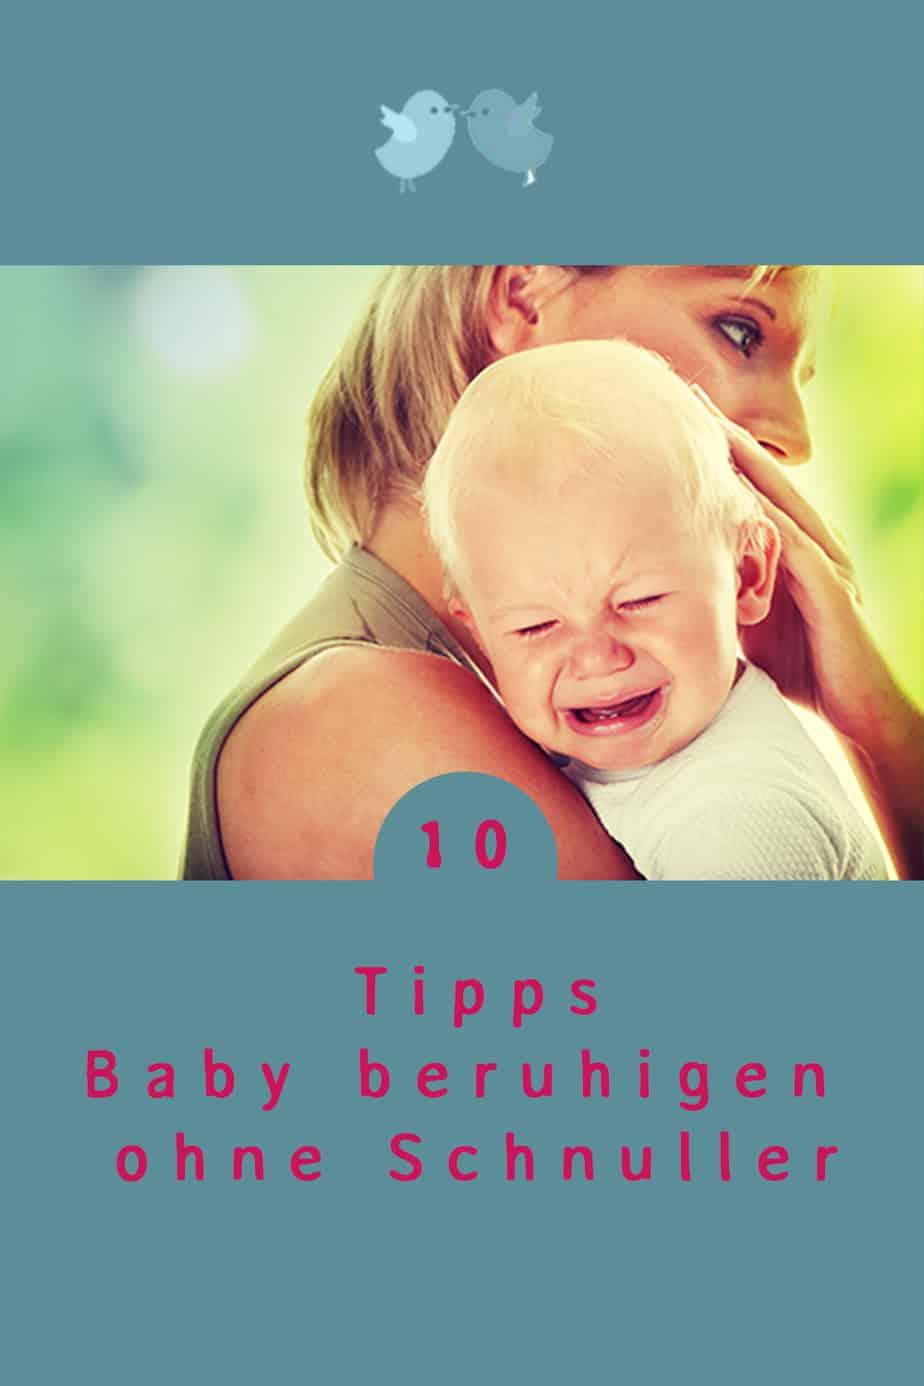 Dein Baby schreit und du willst wissen, wie du es am besten beruhigen kannst? Baby beruhigen ohne Schnuller. Alternativen zur Baby Beruhigung mit Schnuller.